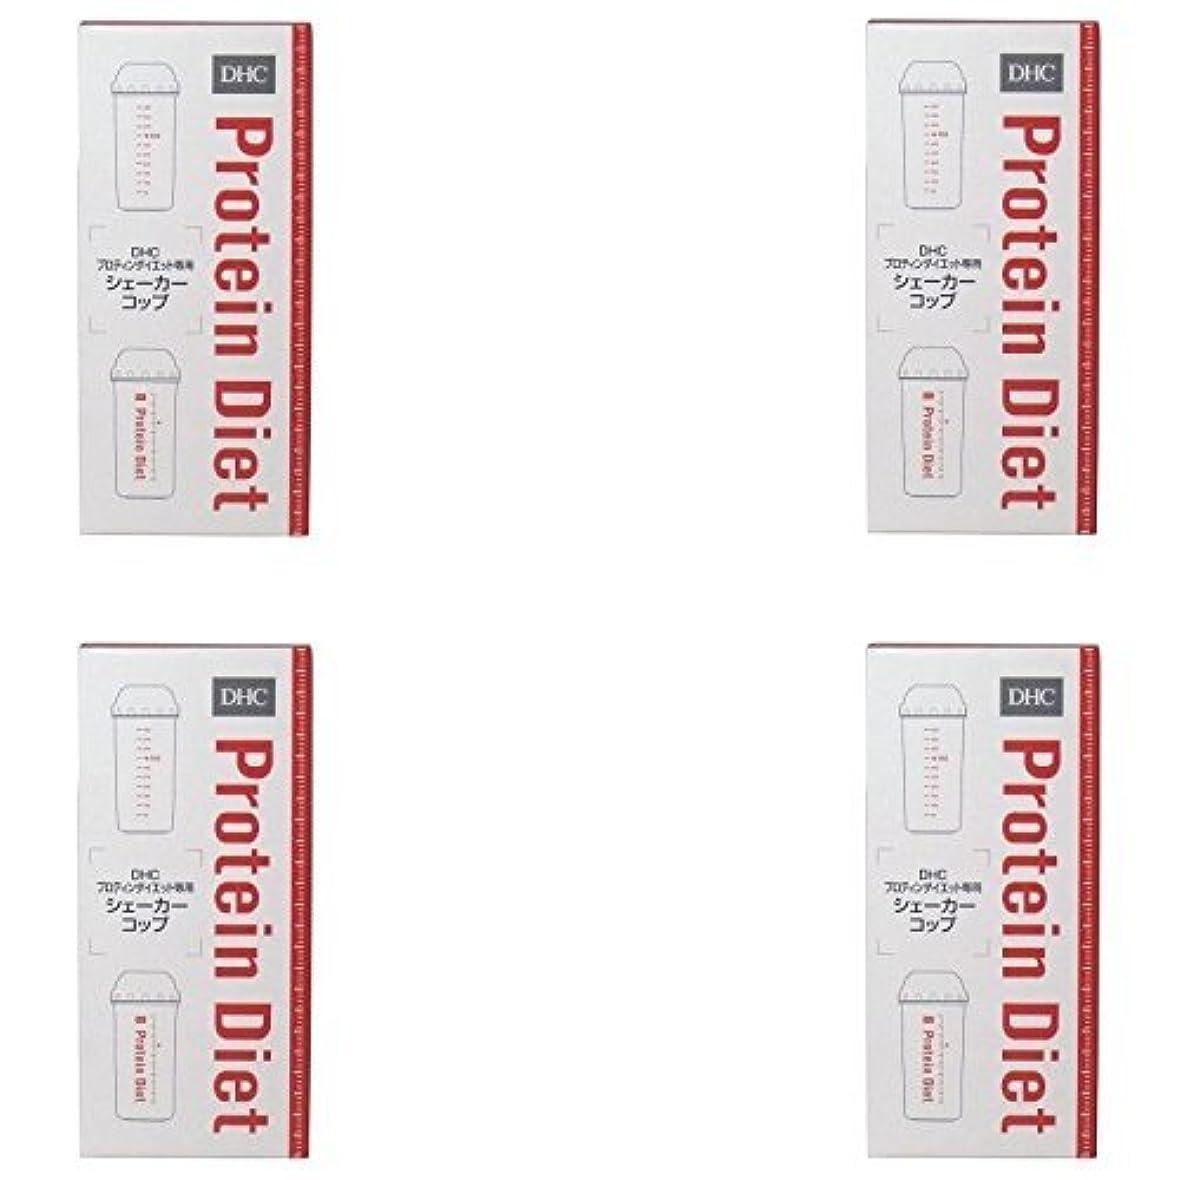 謙虚起訴する雷雨【まとめ買い】DHC プロティンダイエット専用シェーカーコップ 1個【×4セット】